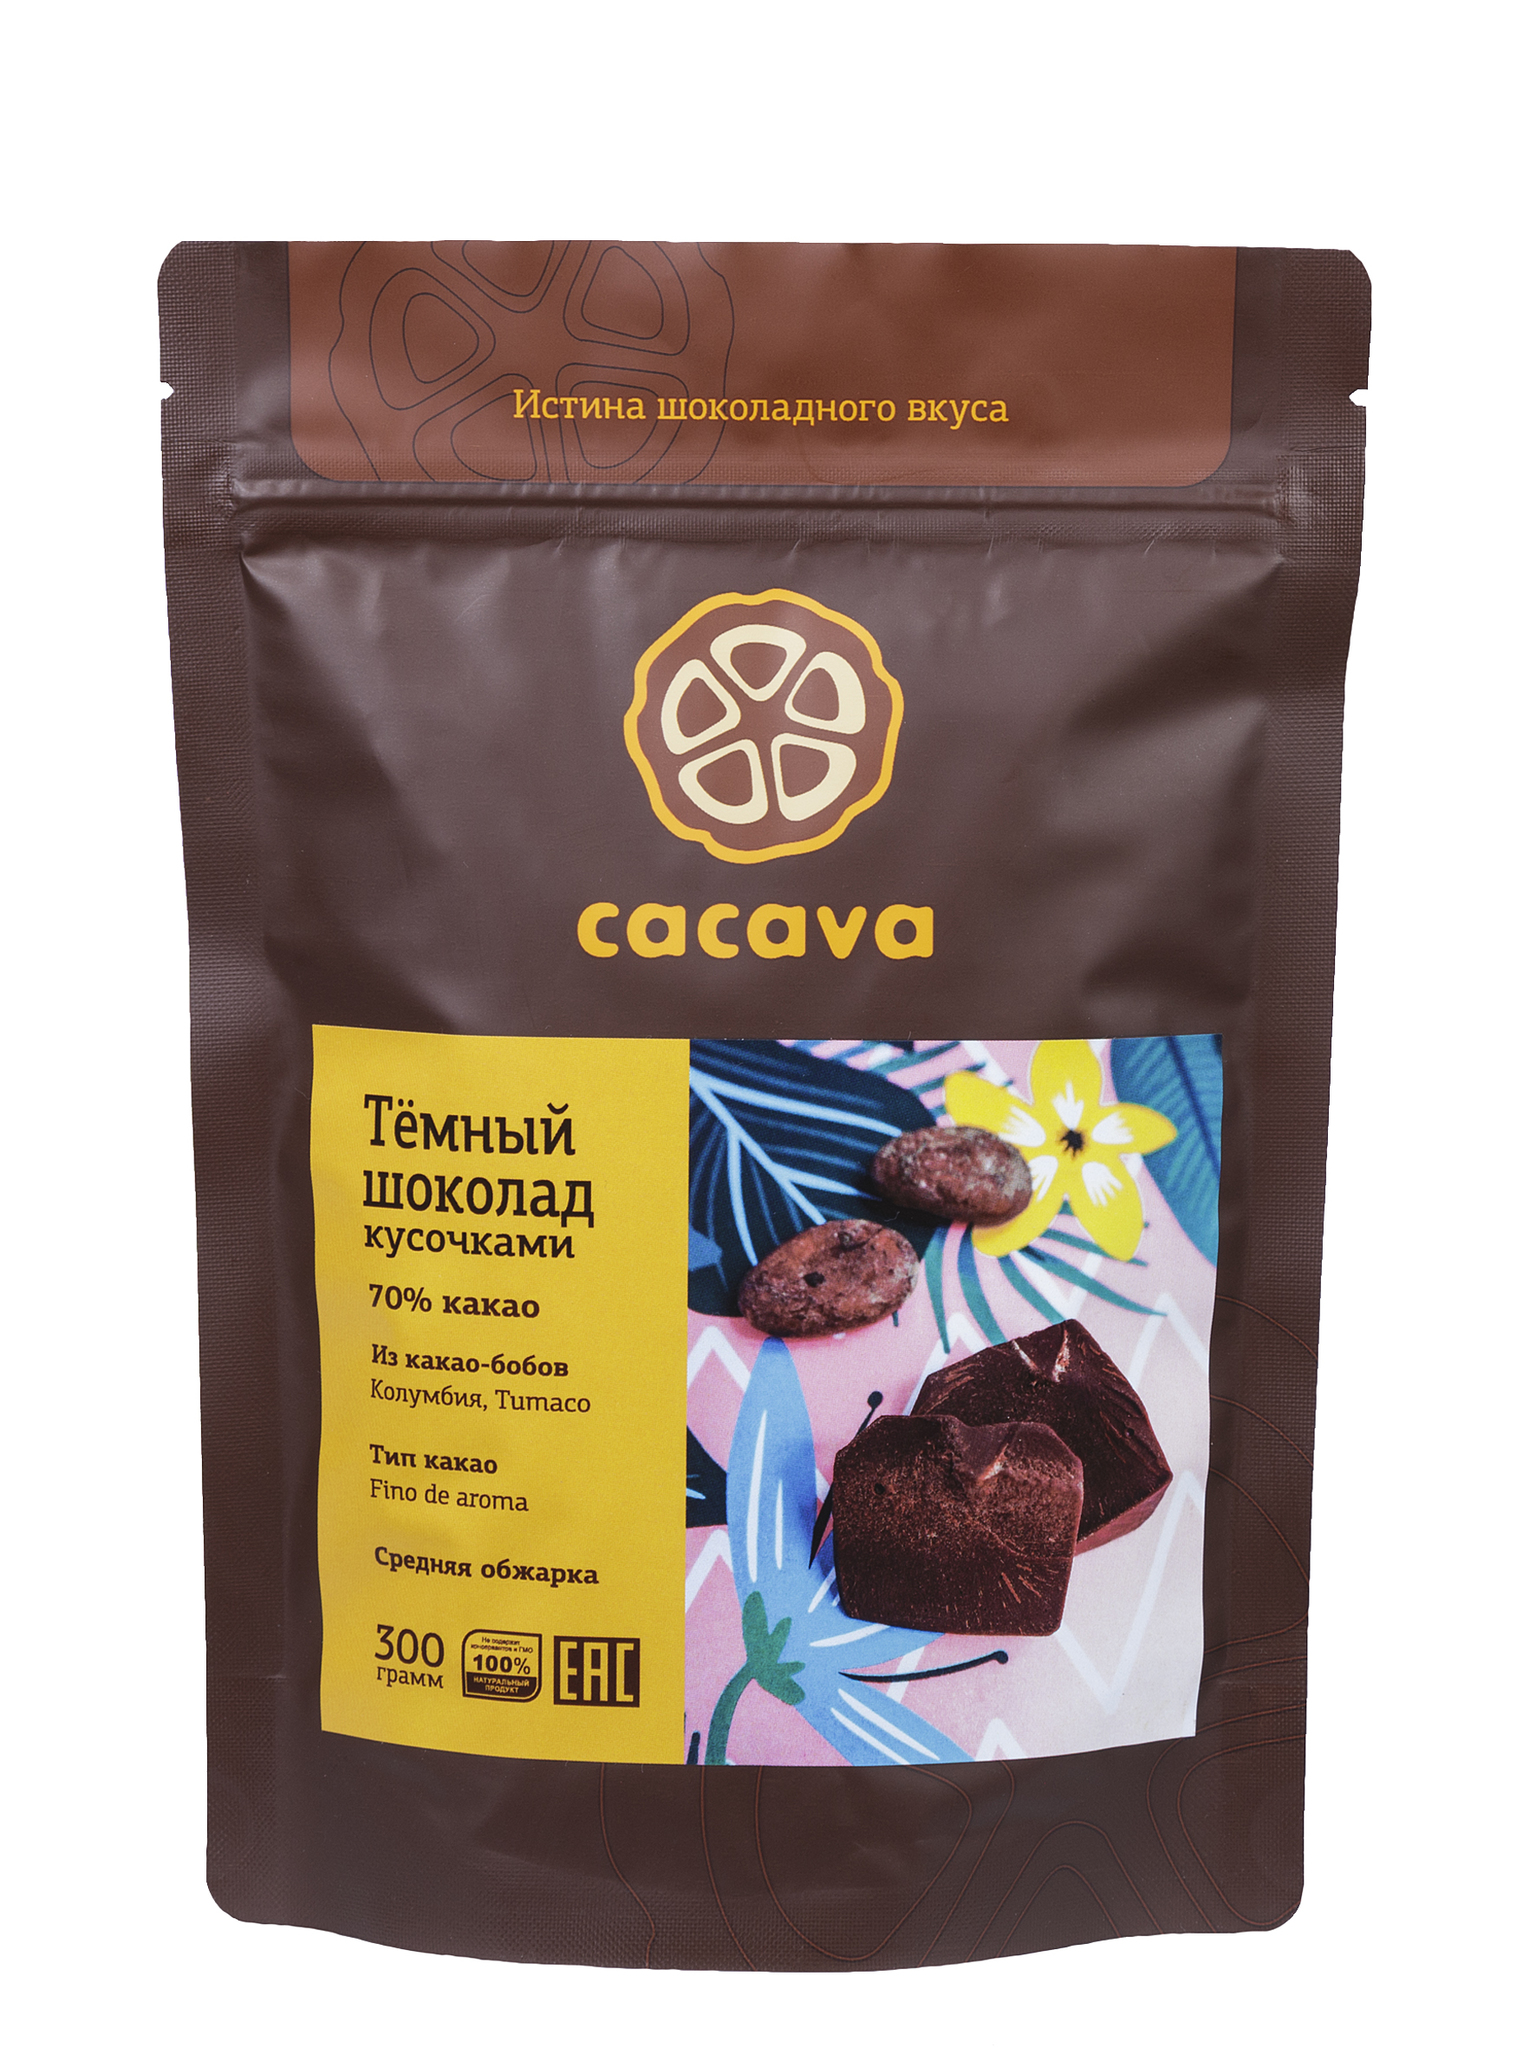 Тёмный шоколад 70 % какао (Колумбия, Tumaco), упаковка 300 грамм